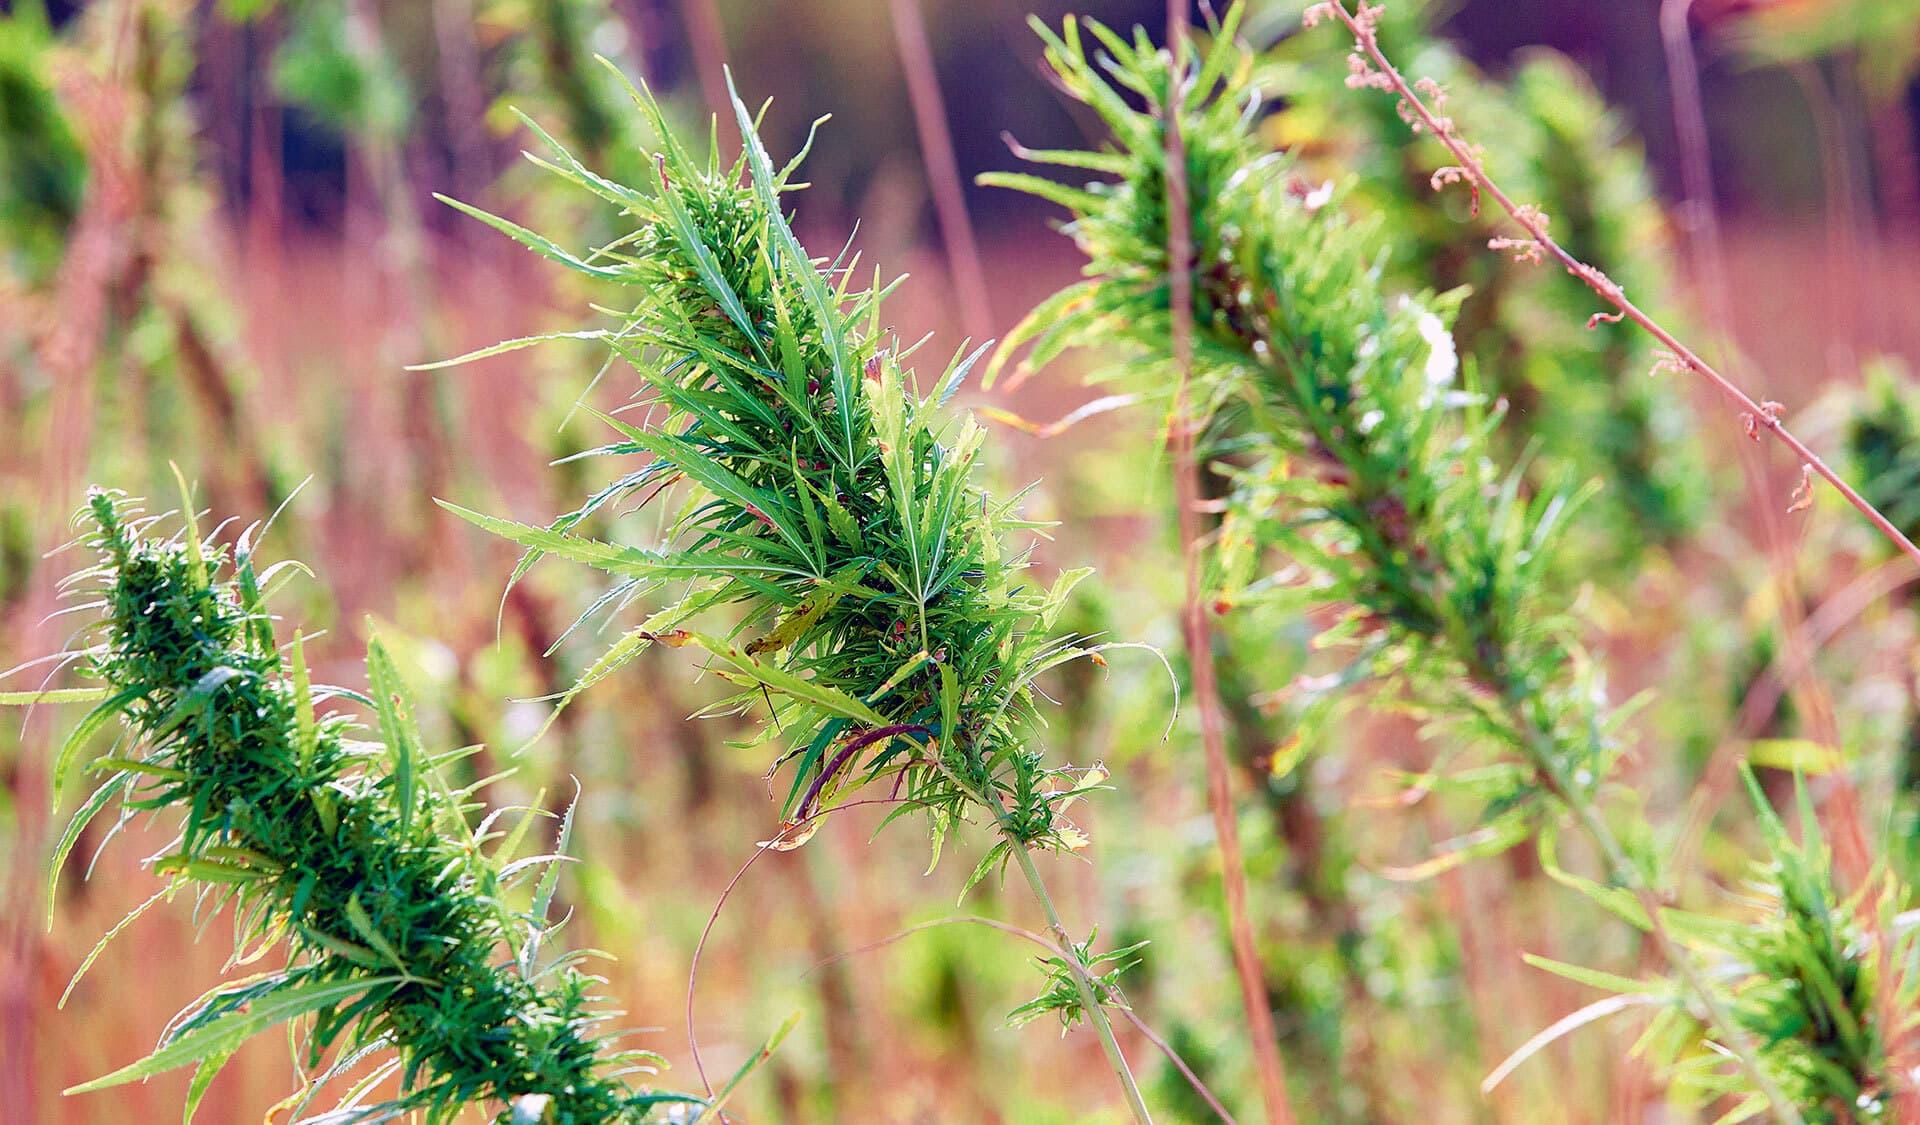 Hanfpflanzen auf dem Feld